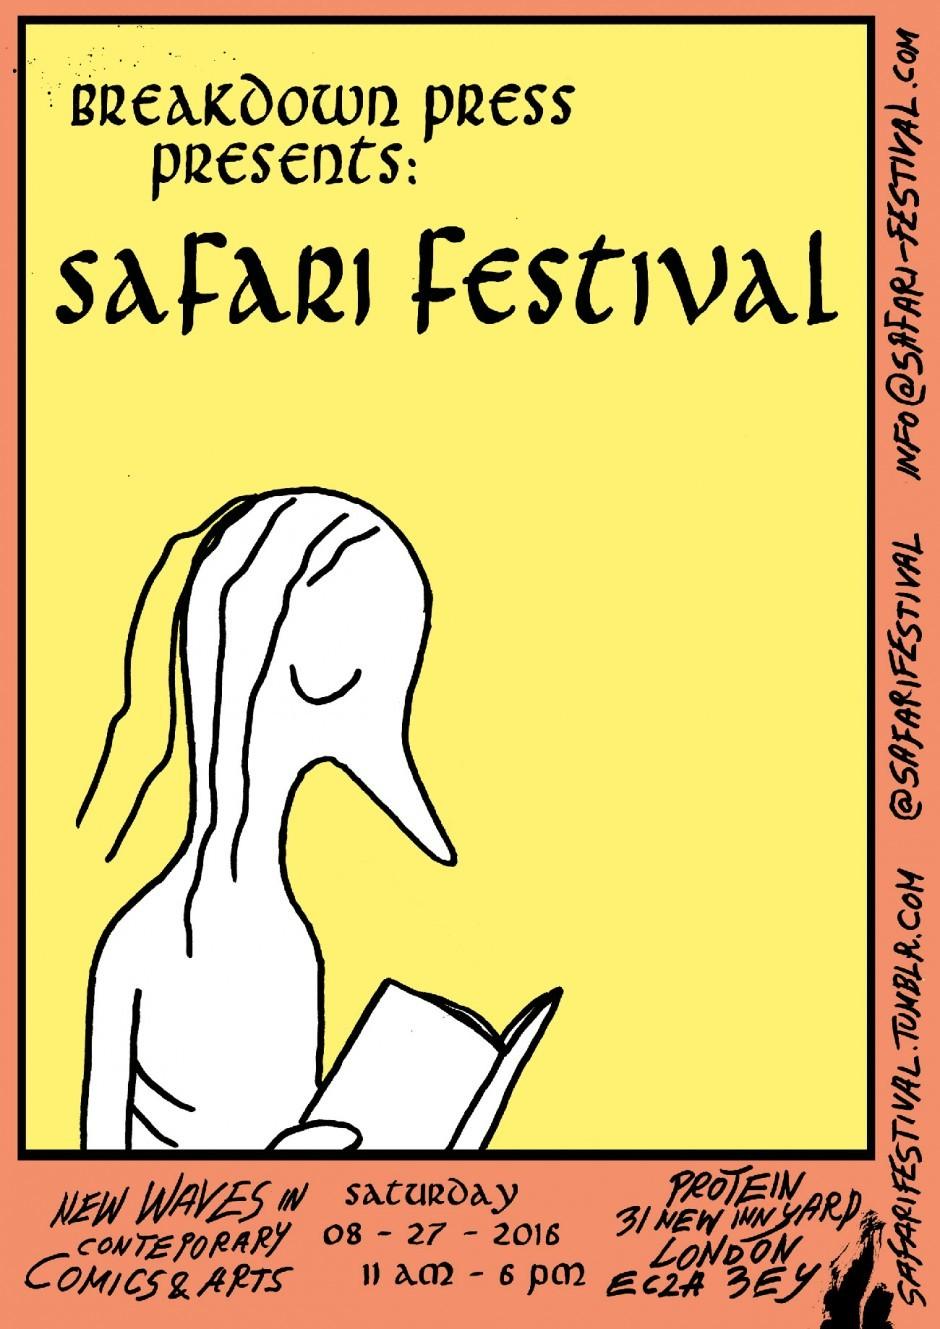 Safari Poster 2016